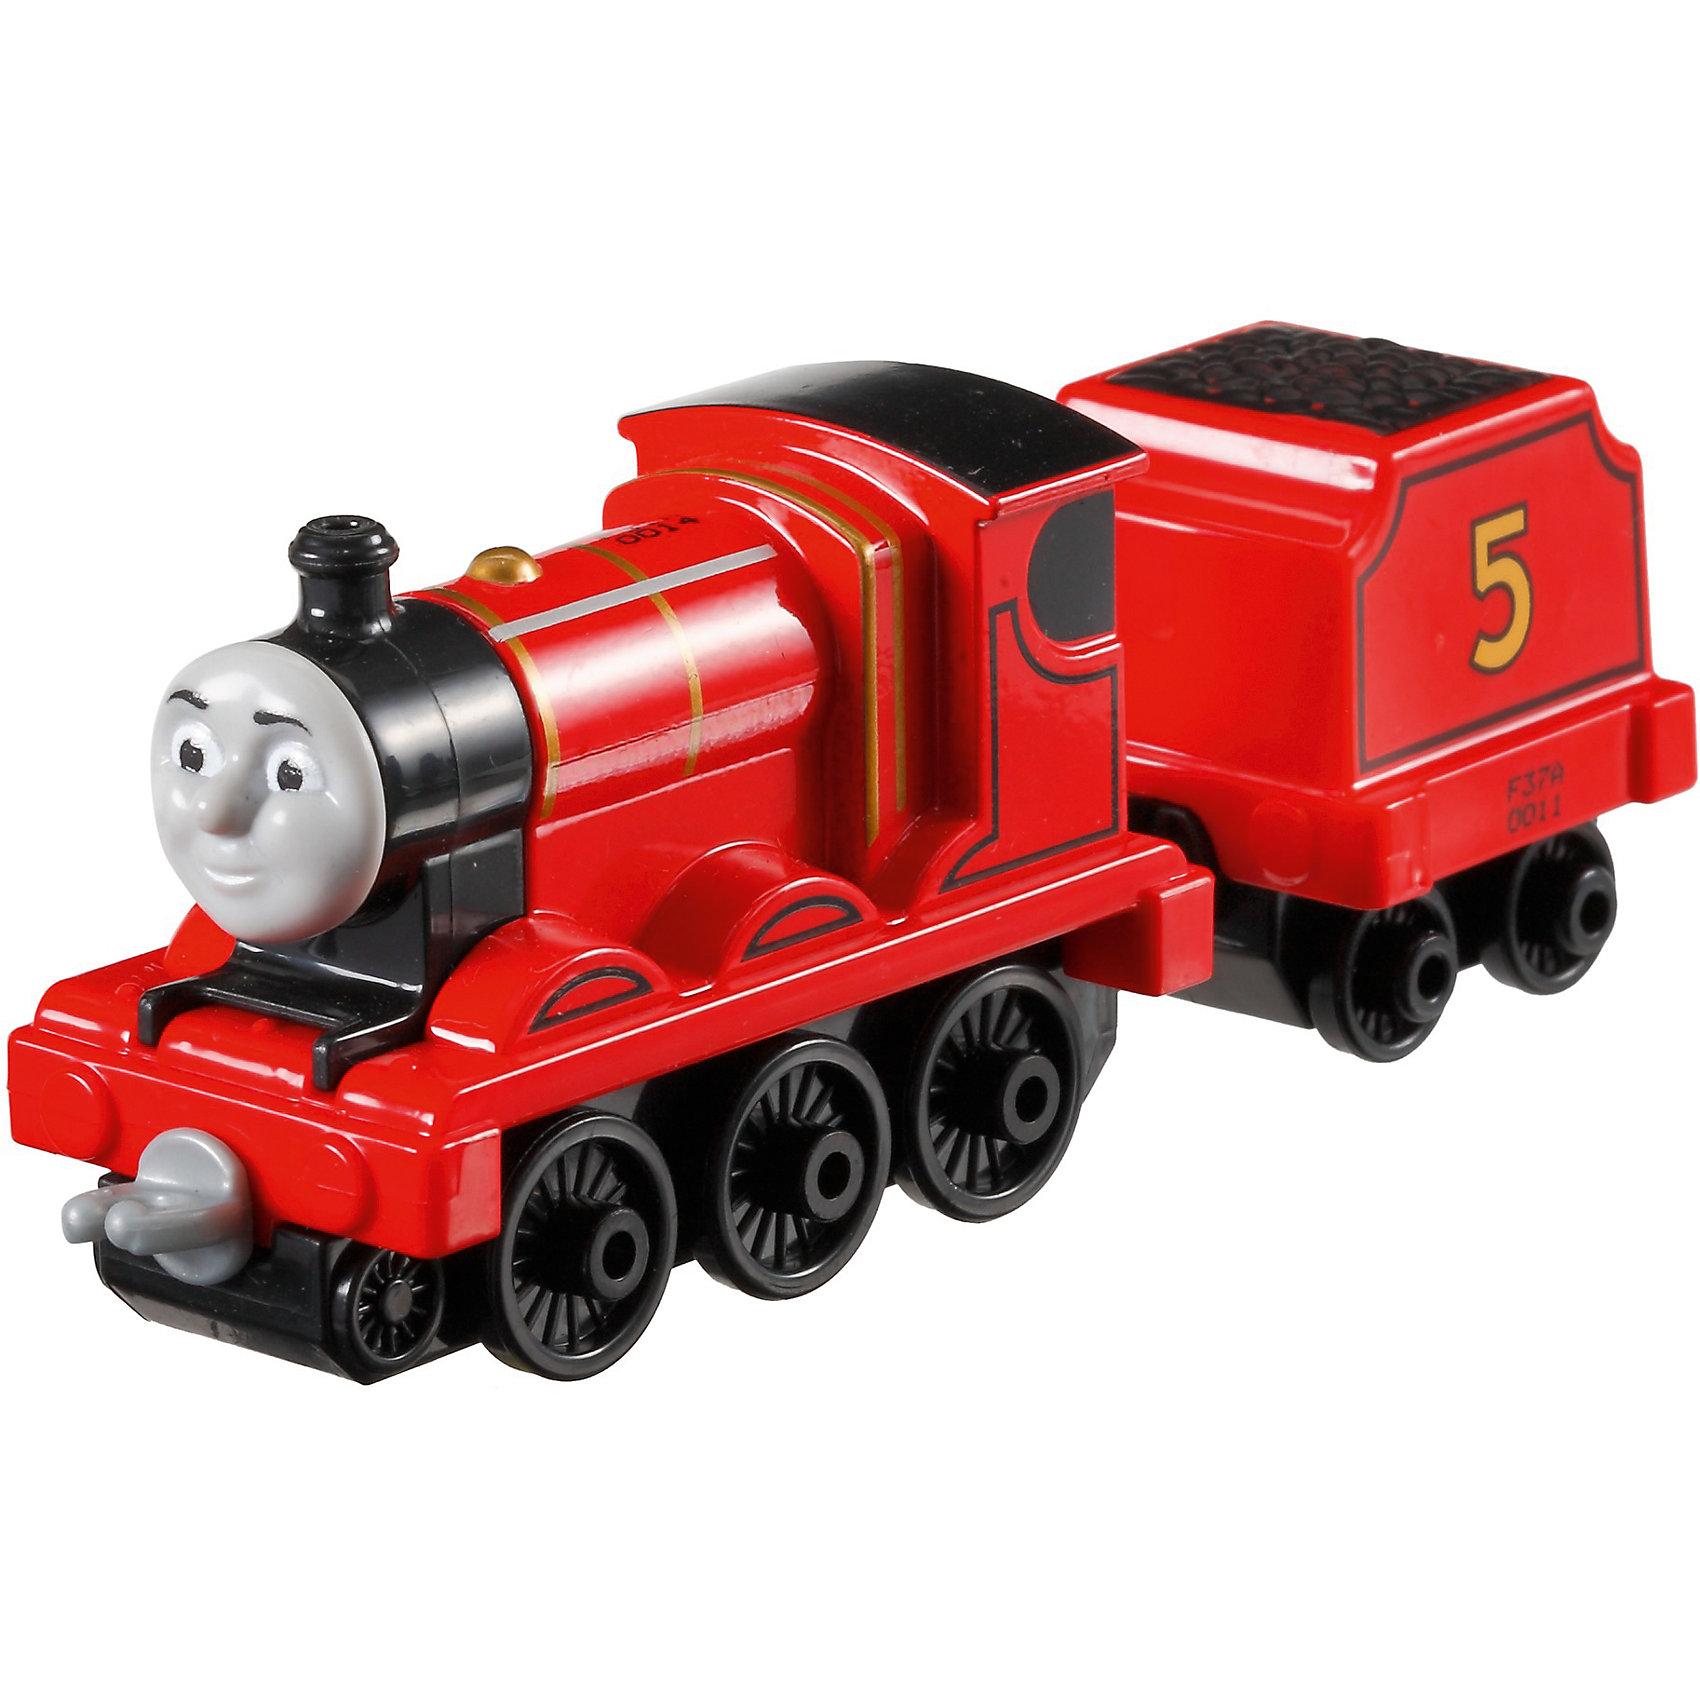 Большой паровозик, Томас и его друзьяБольшой паровозик, Томас и его друзья.<br><br>Характеристики:<br><br>• Материал: пластик, металл<br>• Размер упаковки: 19х11,5х3 см.<br>• Вес: 380 гр.<br><br>Большой паровозик Джеймс создан по мотивам мультфильма Томас и его друзья, невероятно популярного среди миллионов детей во всем мире. Паровозик отличается высокой степенью детализации и соответствия своему экранному прототипу. При движении позади транспортного средства забавно покачивается вагон-прицеп с грузом. Надежные пластиковые соединения позволяют присоединять к паровозику вагончики, тендеры и другие паровозики из серии «Томас и друзья». <br><br>Игрушка станет отличным подарком для поклонников мультсериала «Томас и друзья», а также для любителей железных дорог! Паровозик изготовлен из высококачественных материалов, используемые красители не содержат токсичных компонентов и полностью безопасны для здоровья ребенка.<br><br>Большой паровозик, Томас и его друзья можно купить в нашем интернет-магазине.<br><br>Ширина мм: 190<br>Глубина мм: 35<br>Высота мм: 115<br>Вес г: 54<br>Возраст от месяцев: 36<br>Возраст до месяцев: 120<br>Пол: Мужской<br>Возраст: Детский<br>SKU: 5440300